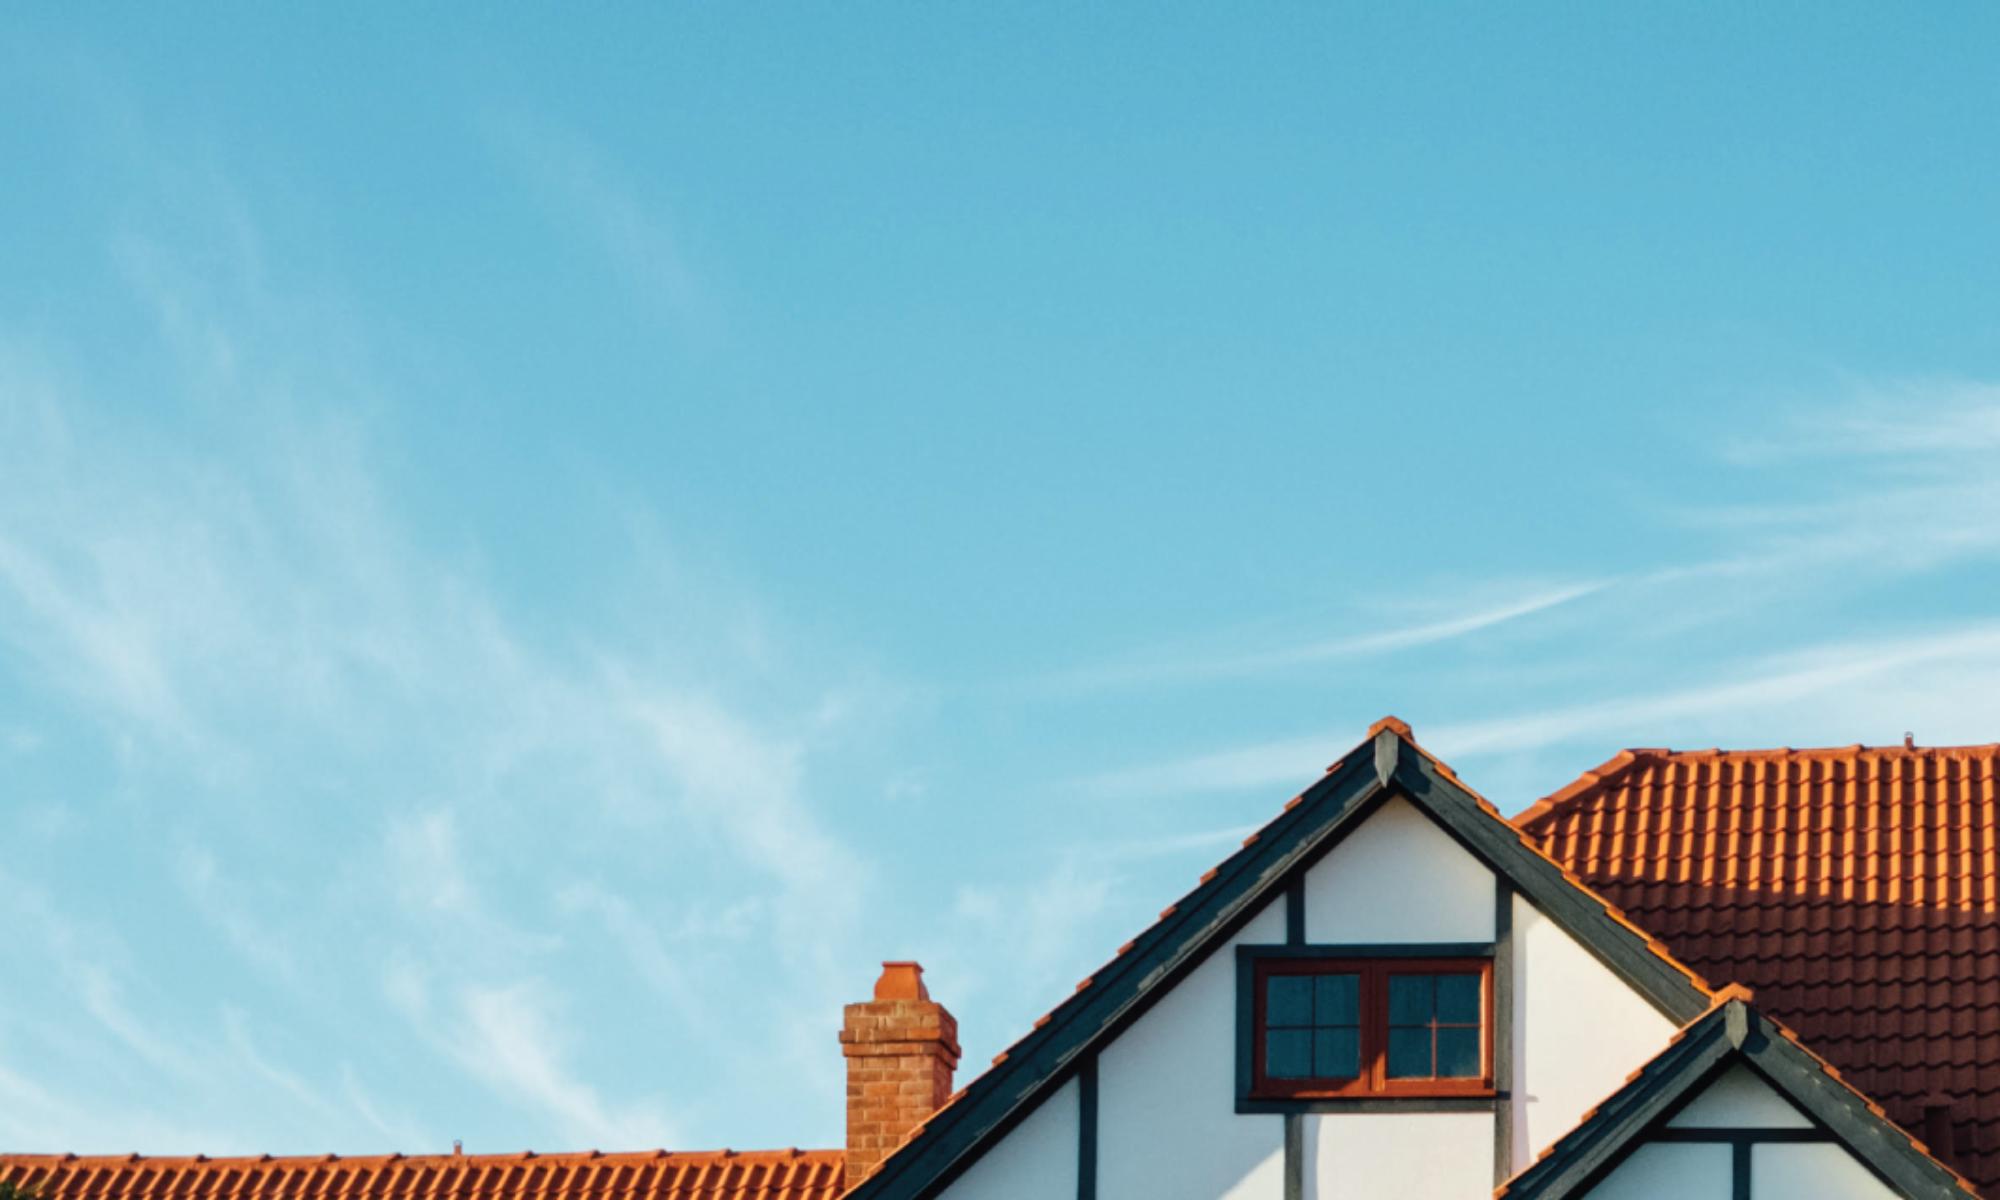 Chcete novou střechu, nebo rekonstrukci?